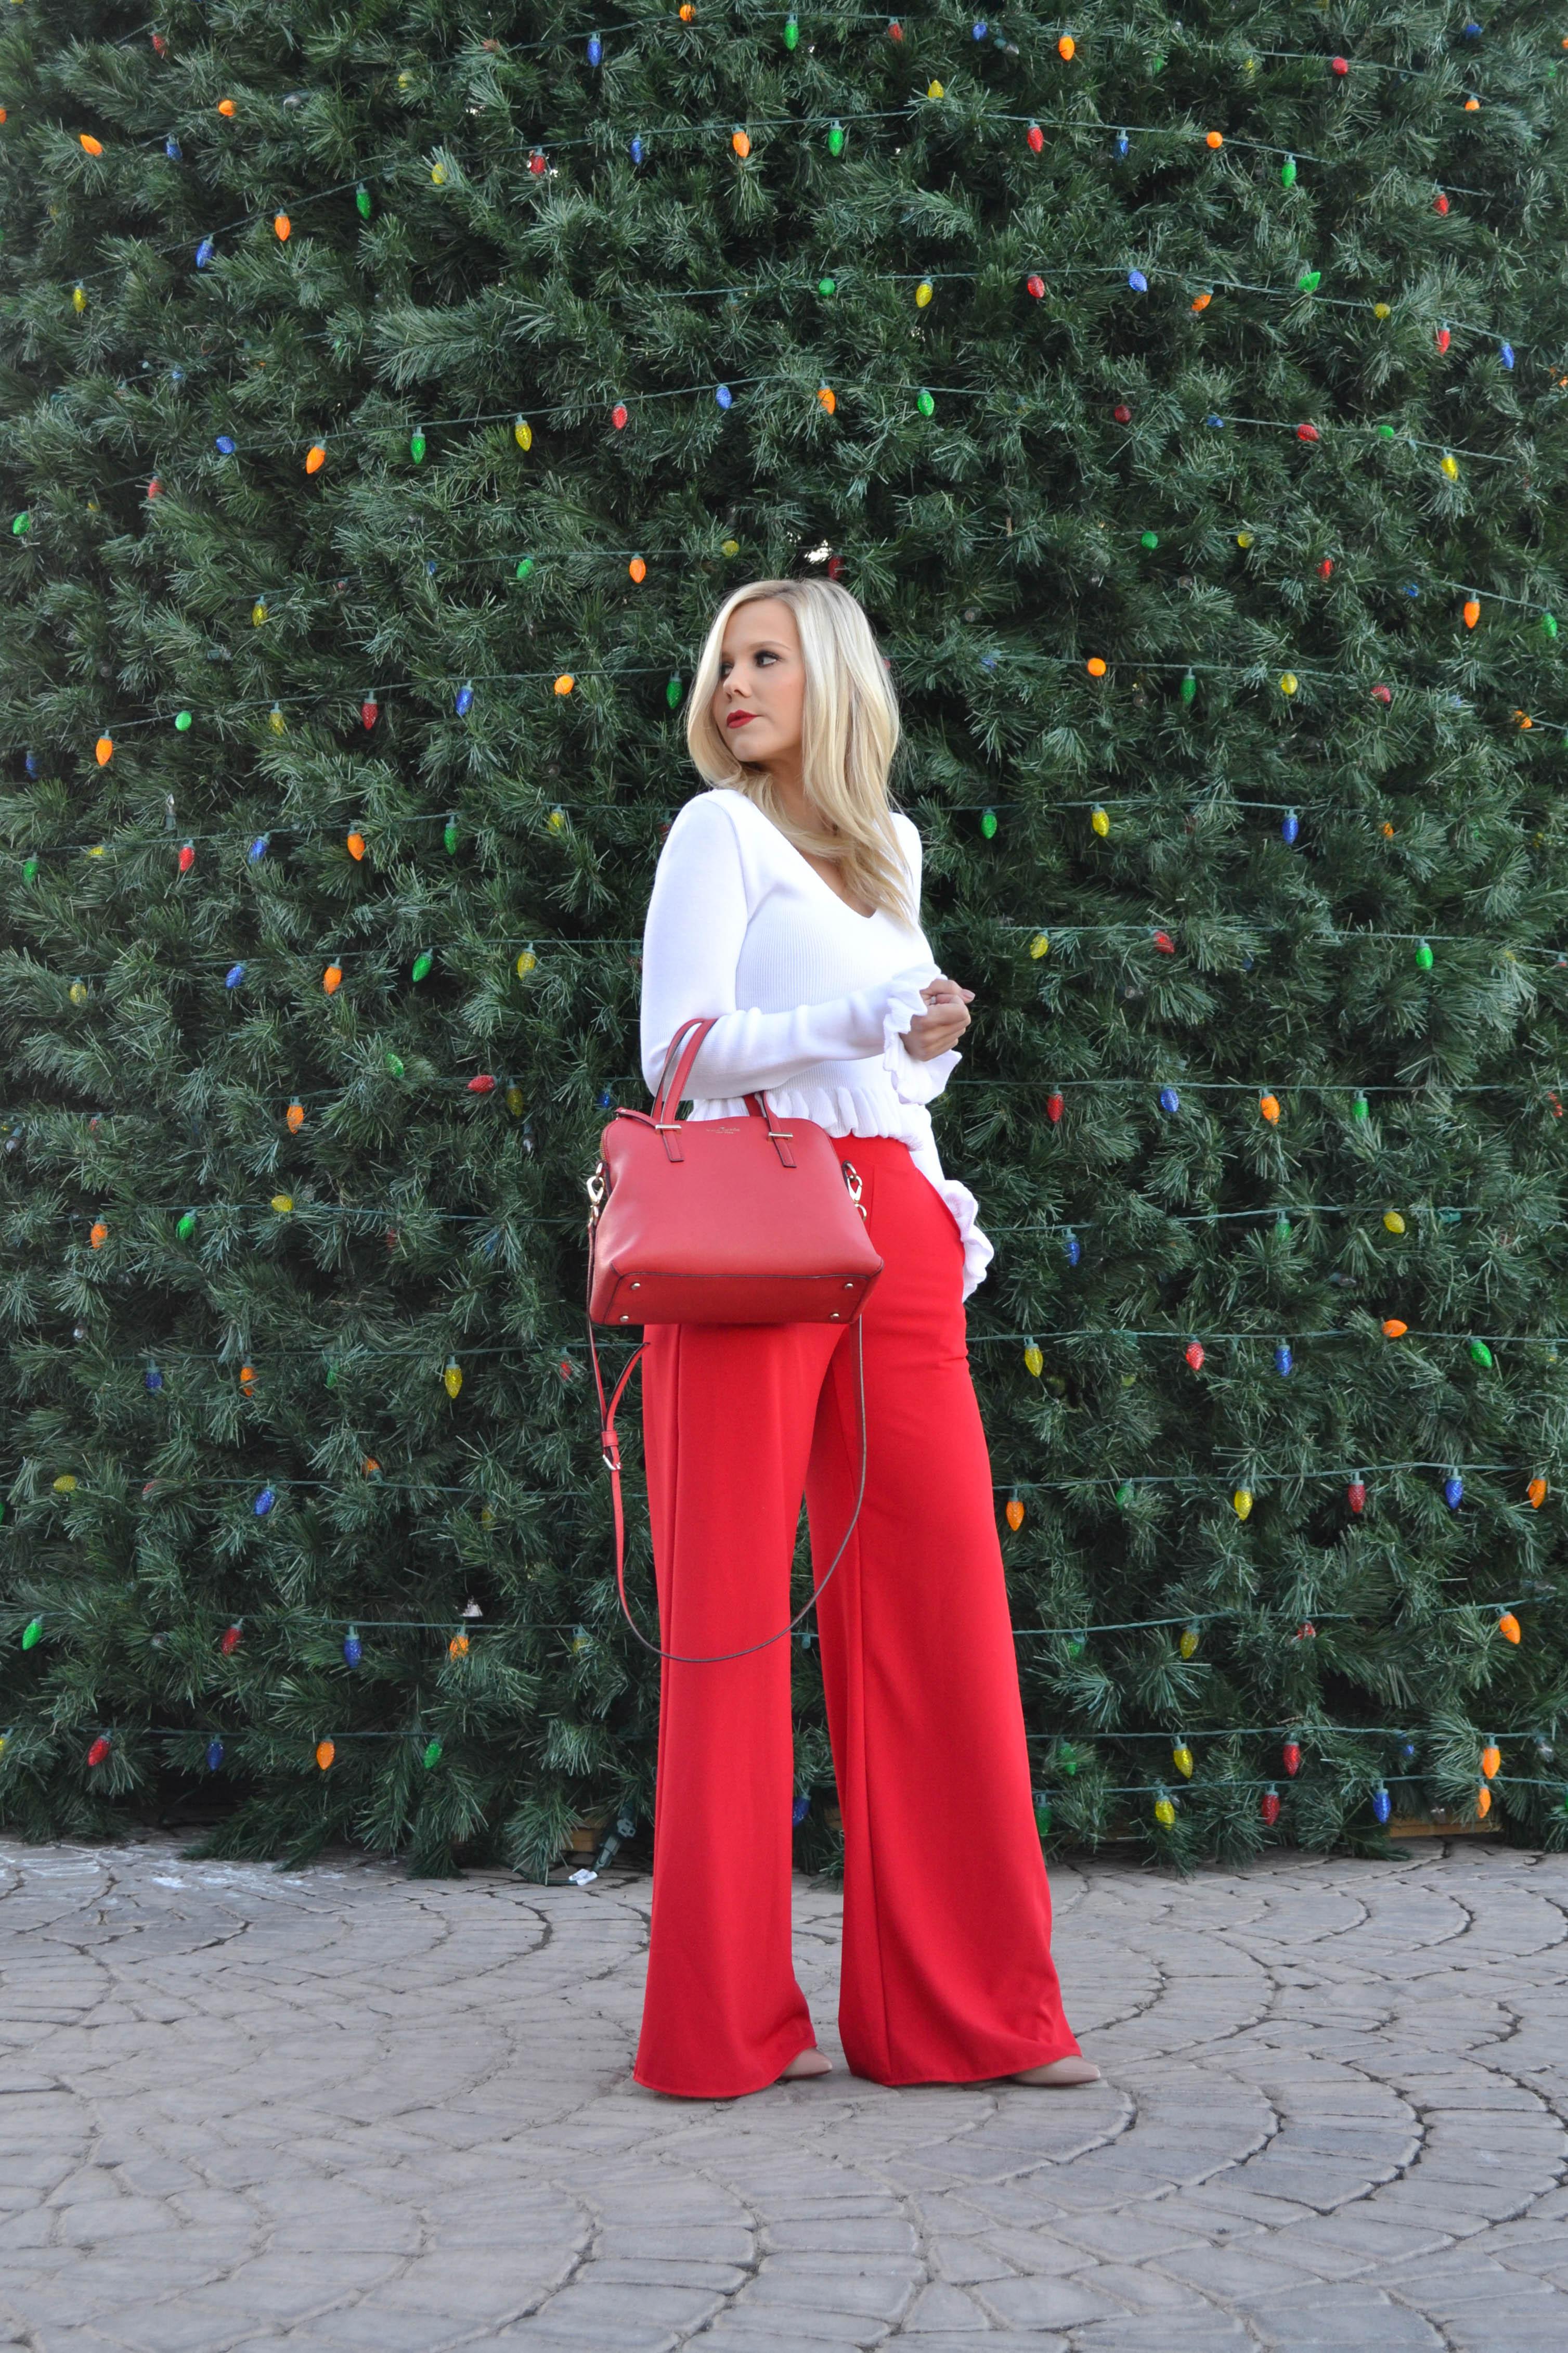 Pull noel famille pull de noel femme, tenue décontractée chic femme, pantalon rouge evasee